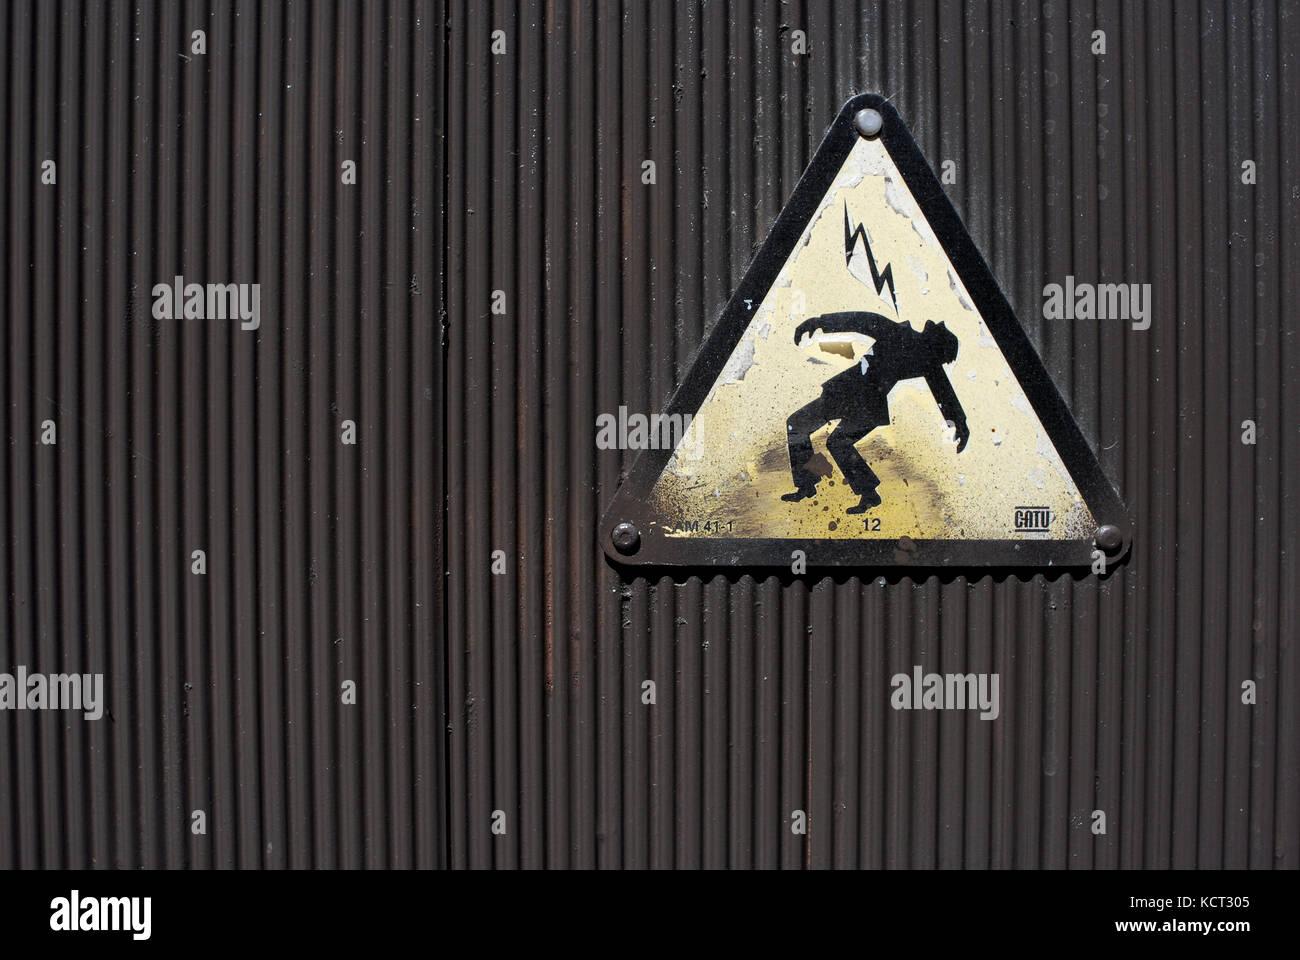 Segno di pericolo di morte per scossa elettrica. elettricità, Immagini Stock